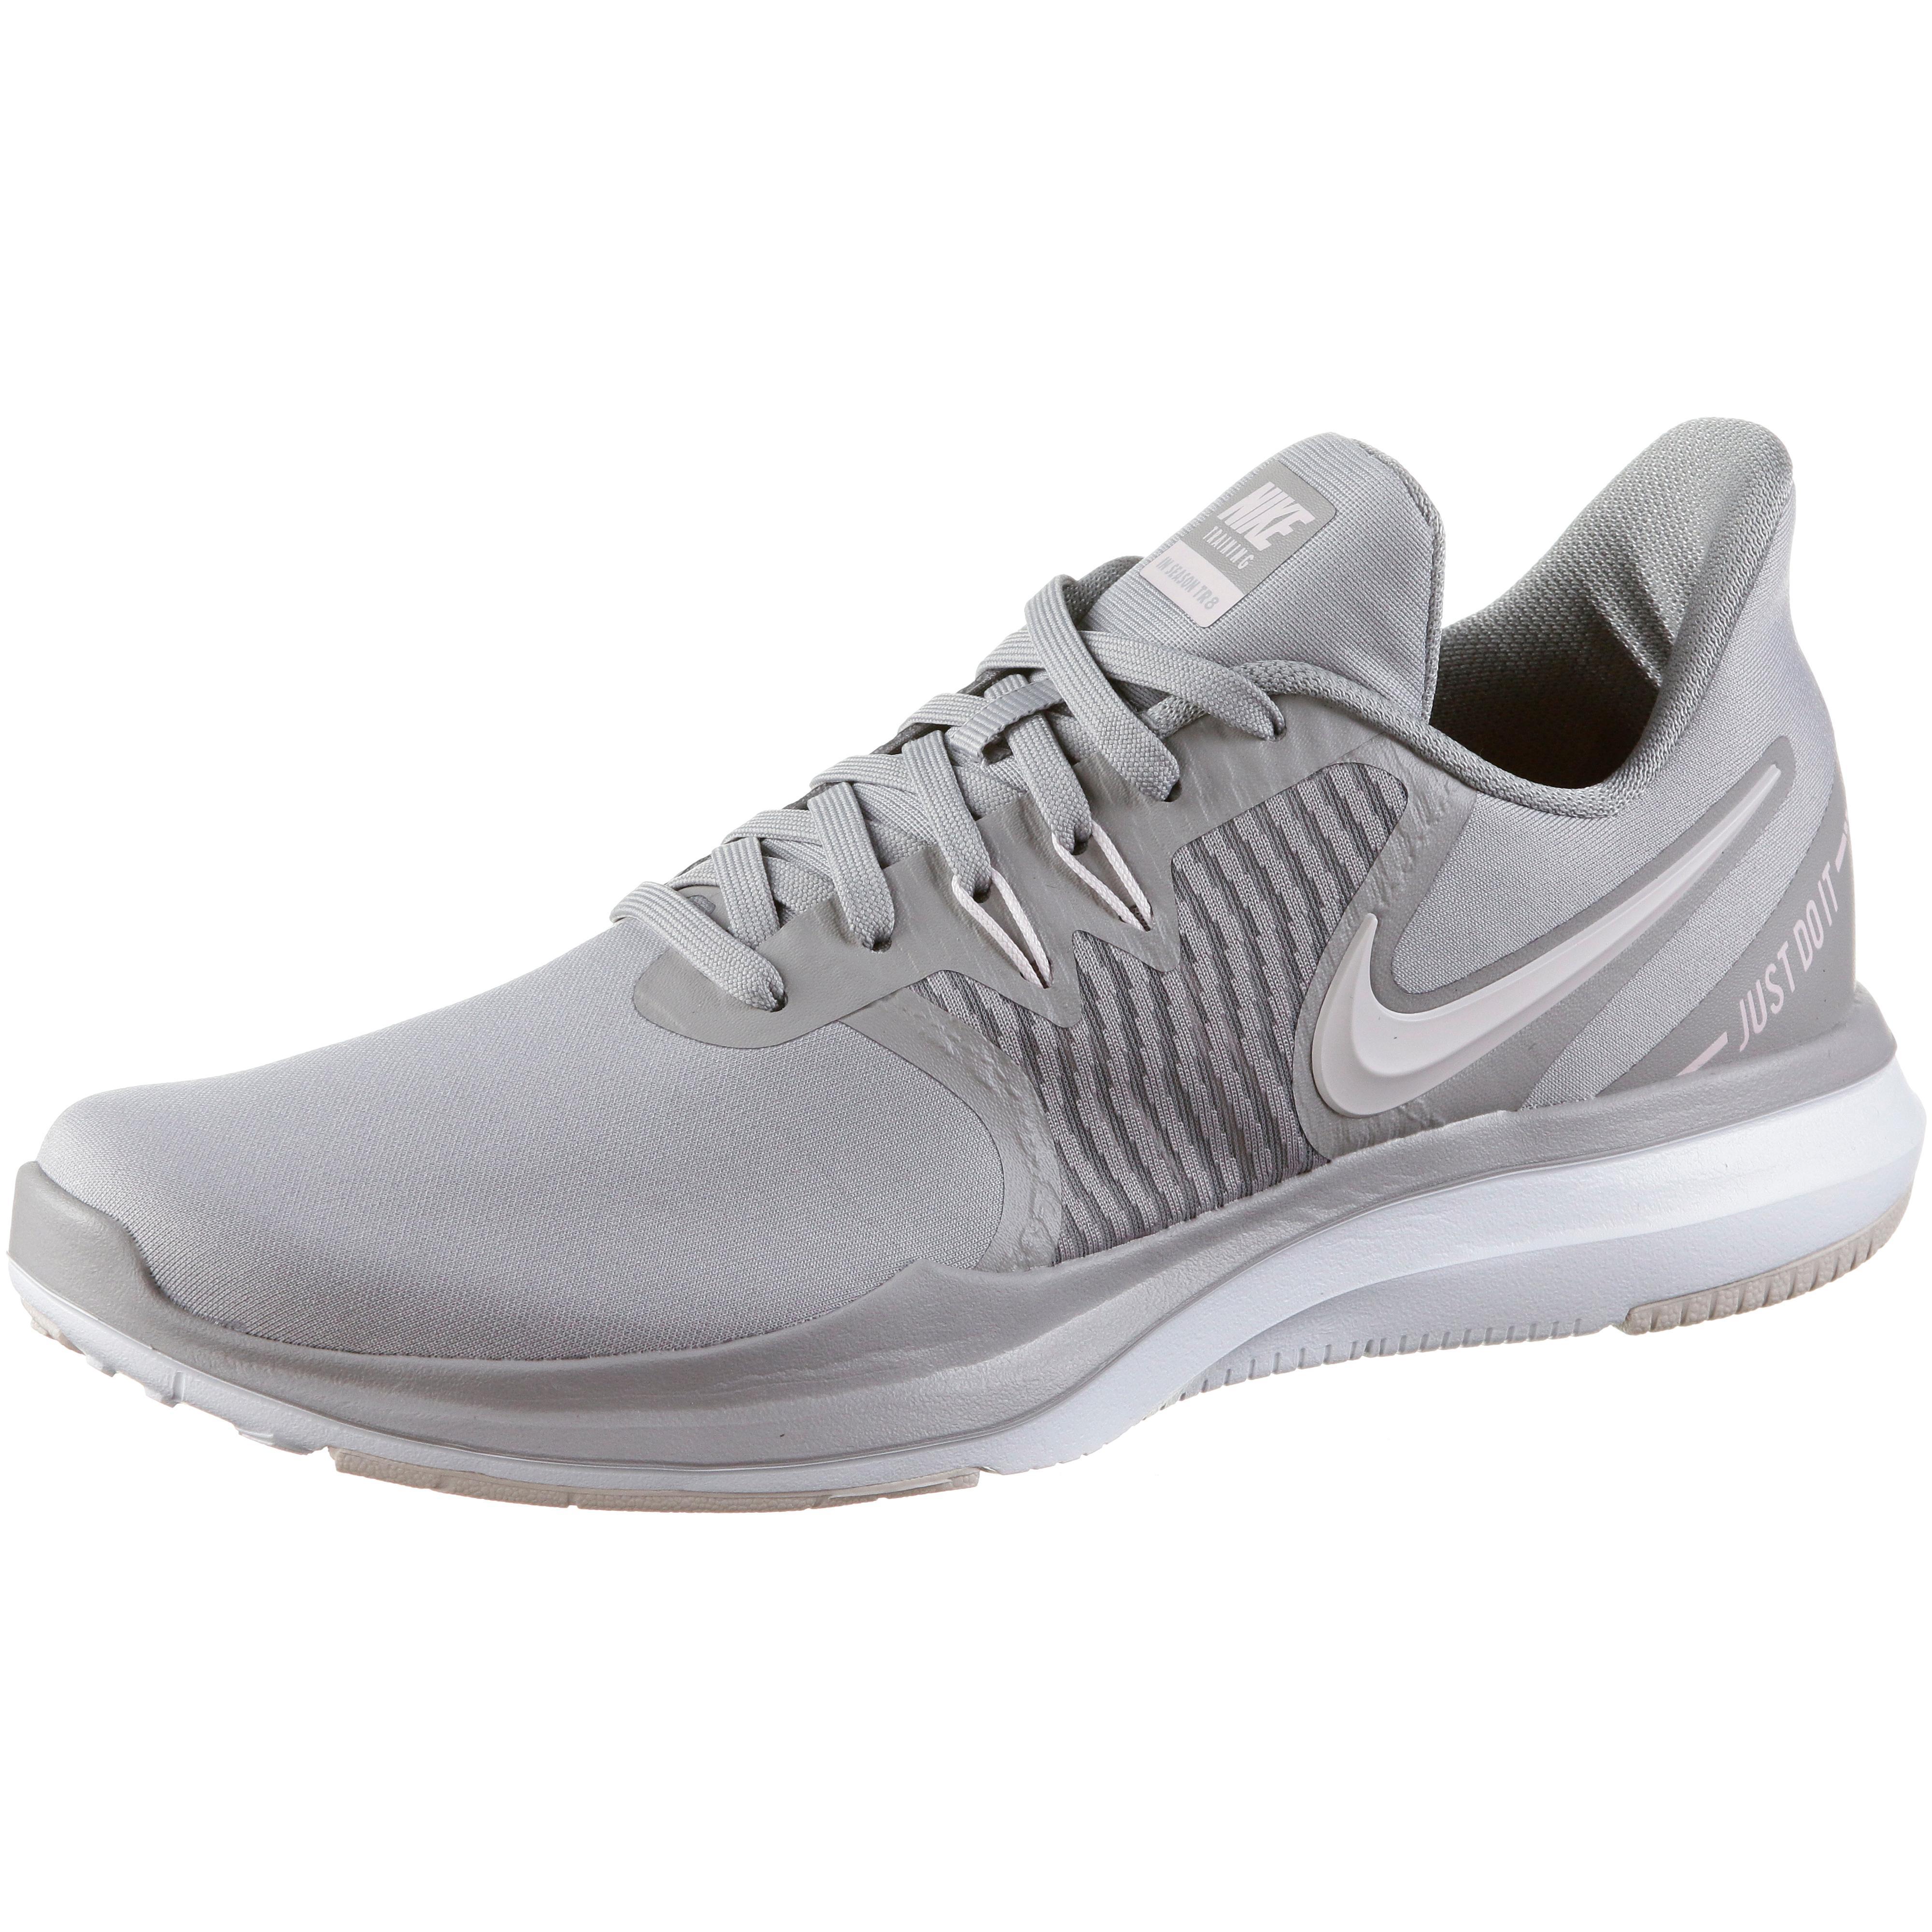 Nike In-Season TR 8 Fitnessschuhe Damen atmosphere grau-barely Rosa im Online Shop von SportScheck kaufen Gute Qualität beliebte Schuhe